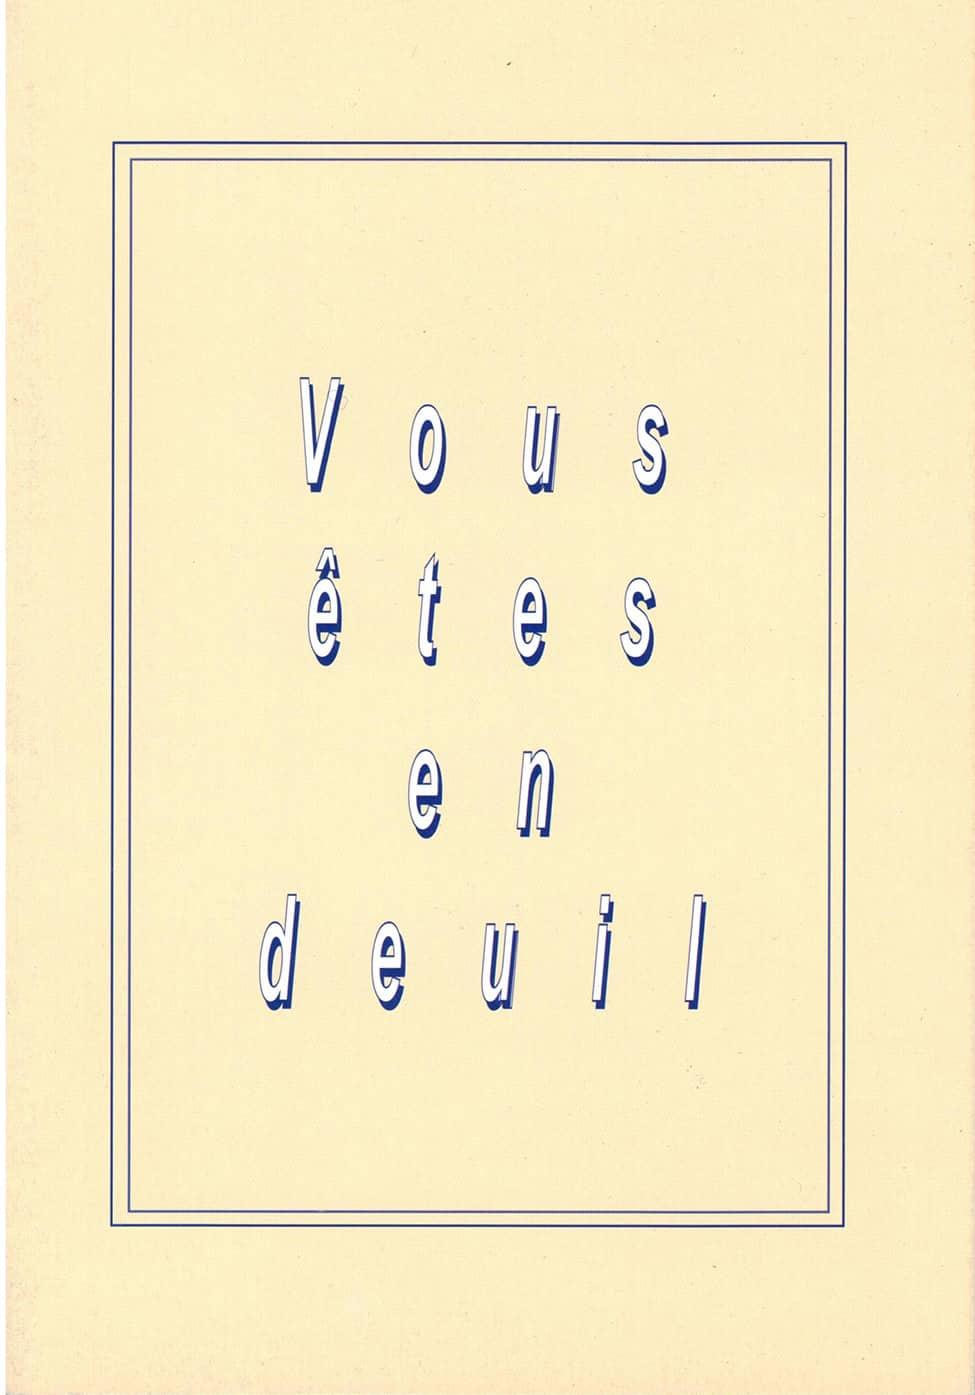 Couverture du livret Vous êtes en deuil - Fédération européenne Vivre son Deuil